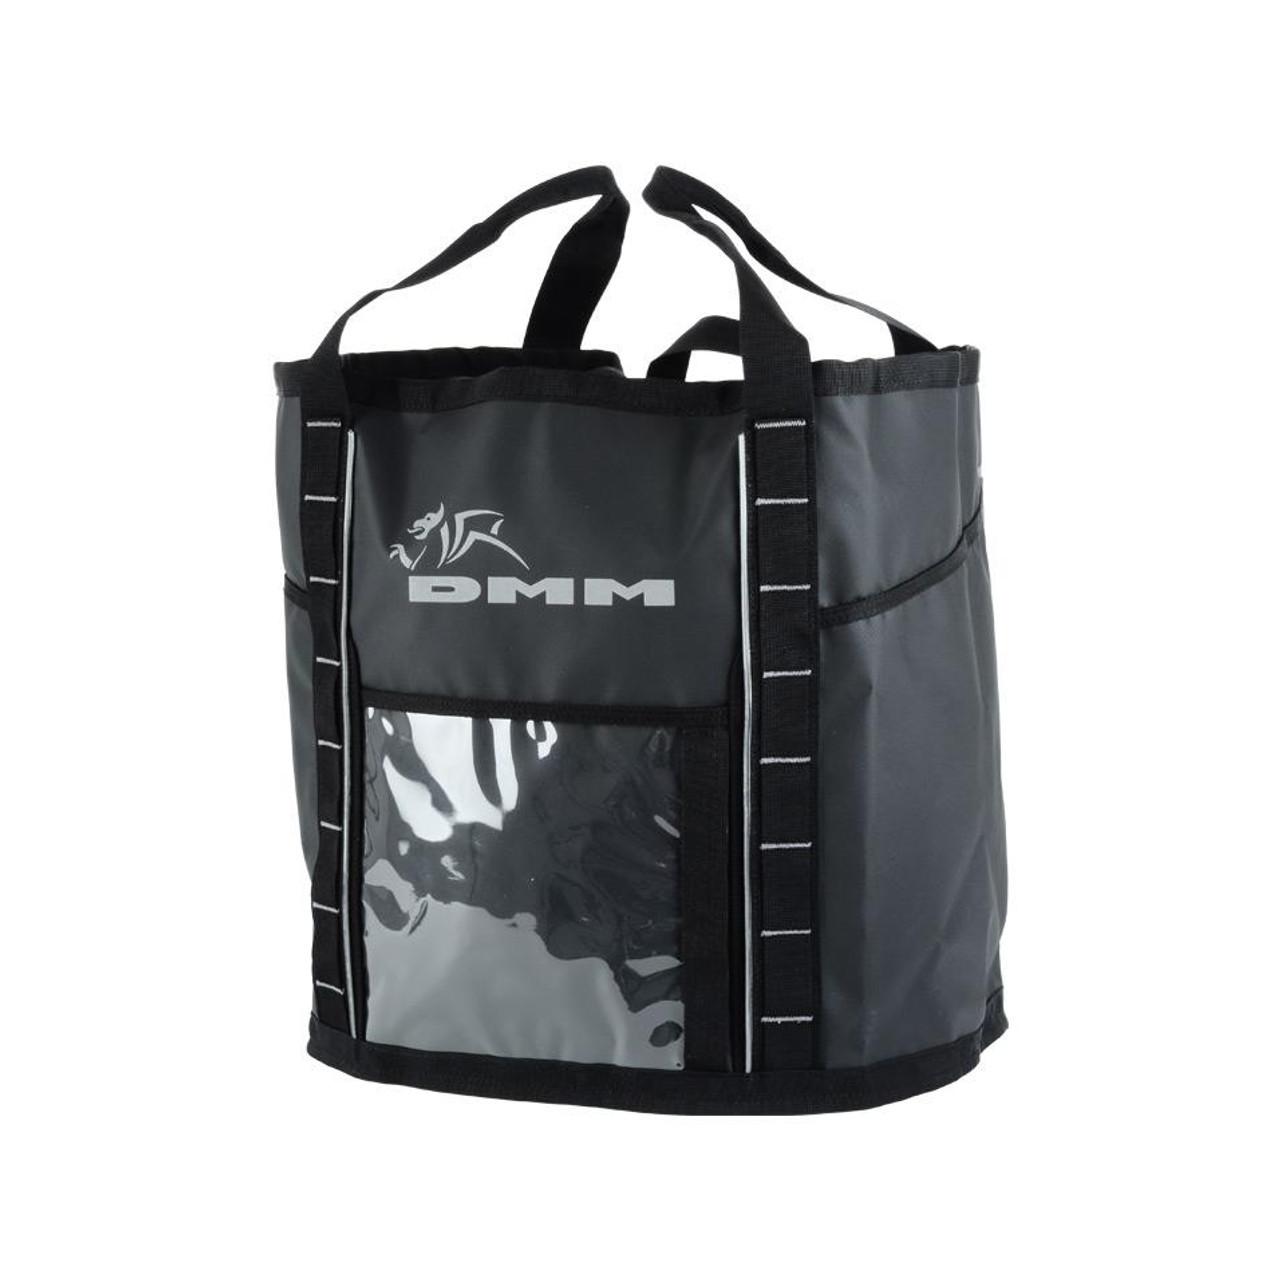 DMM 45 L Transit Rope Bag